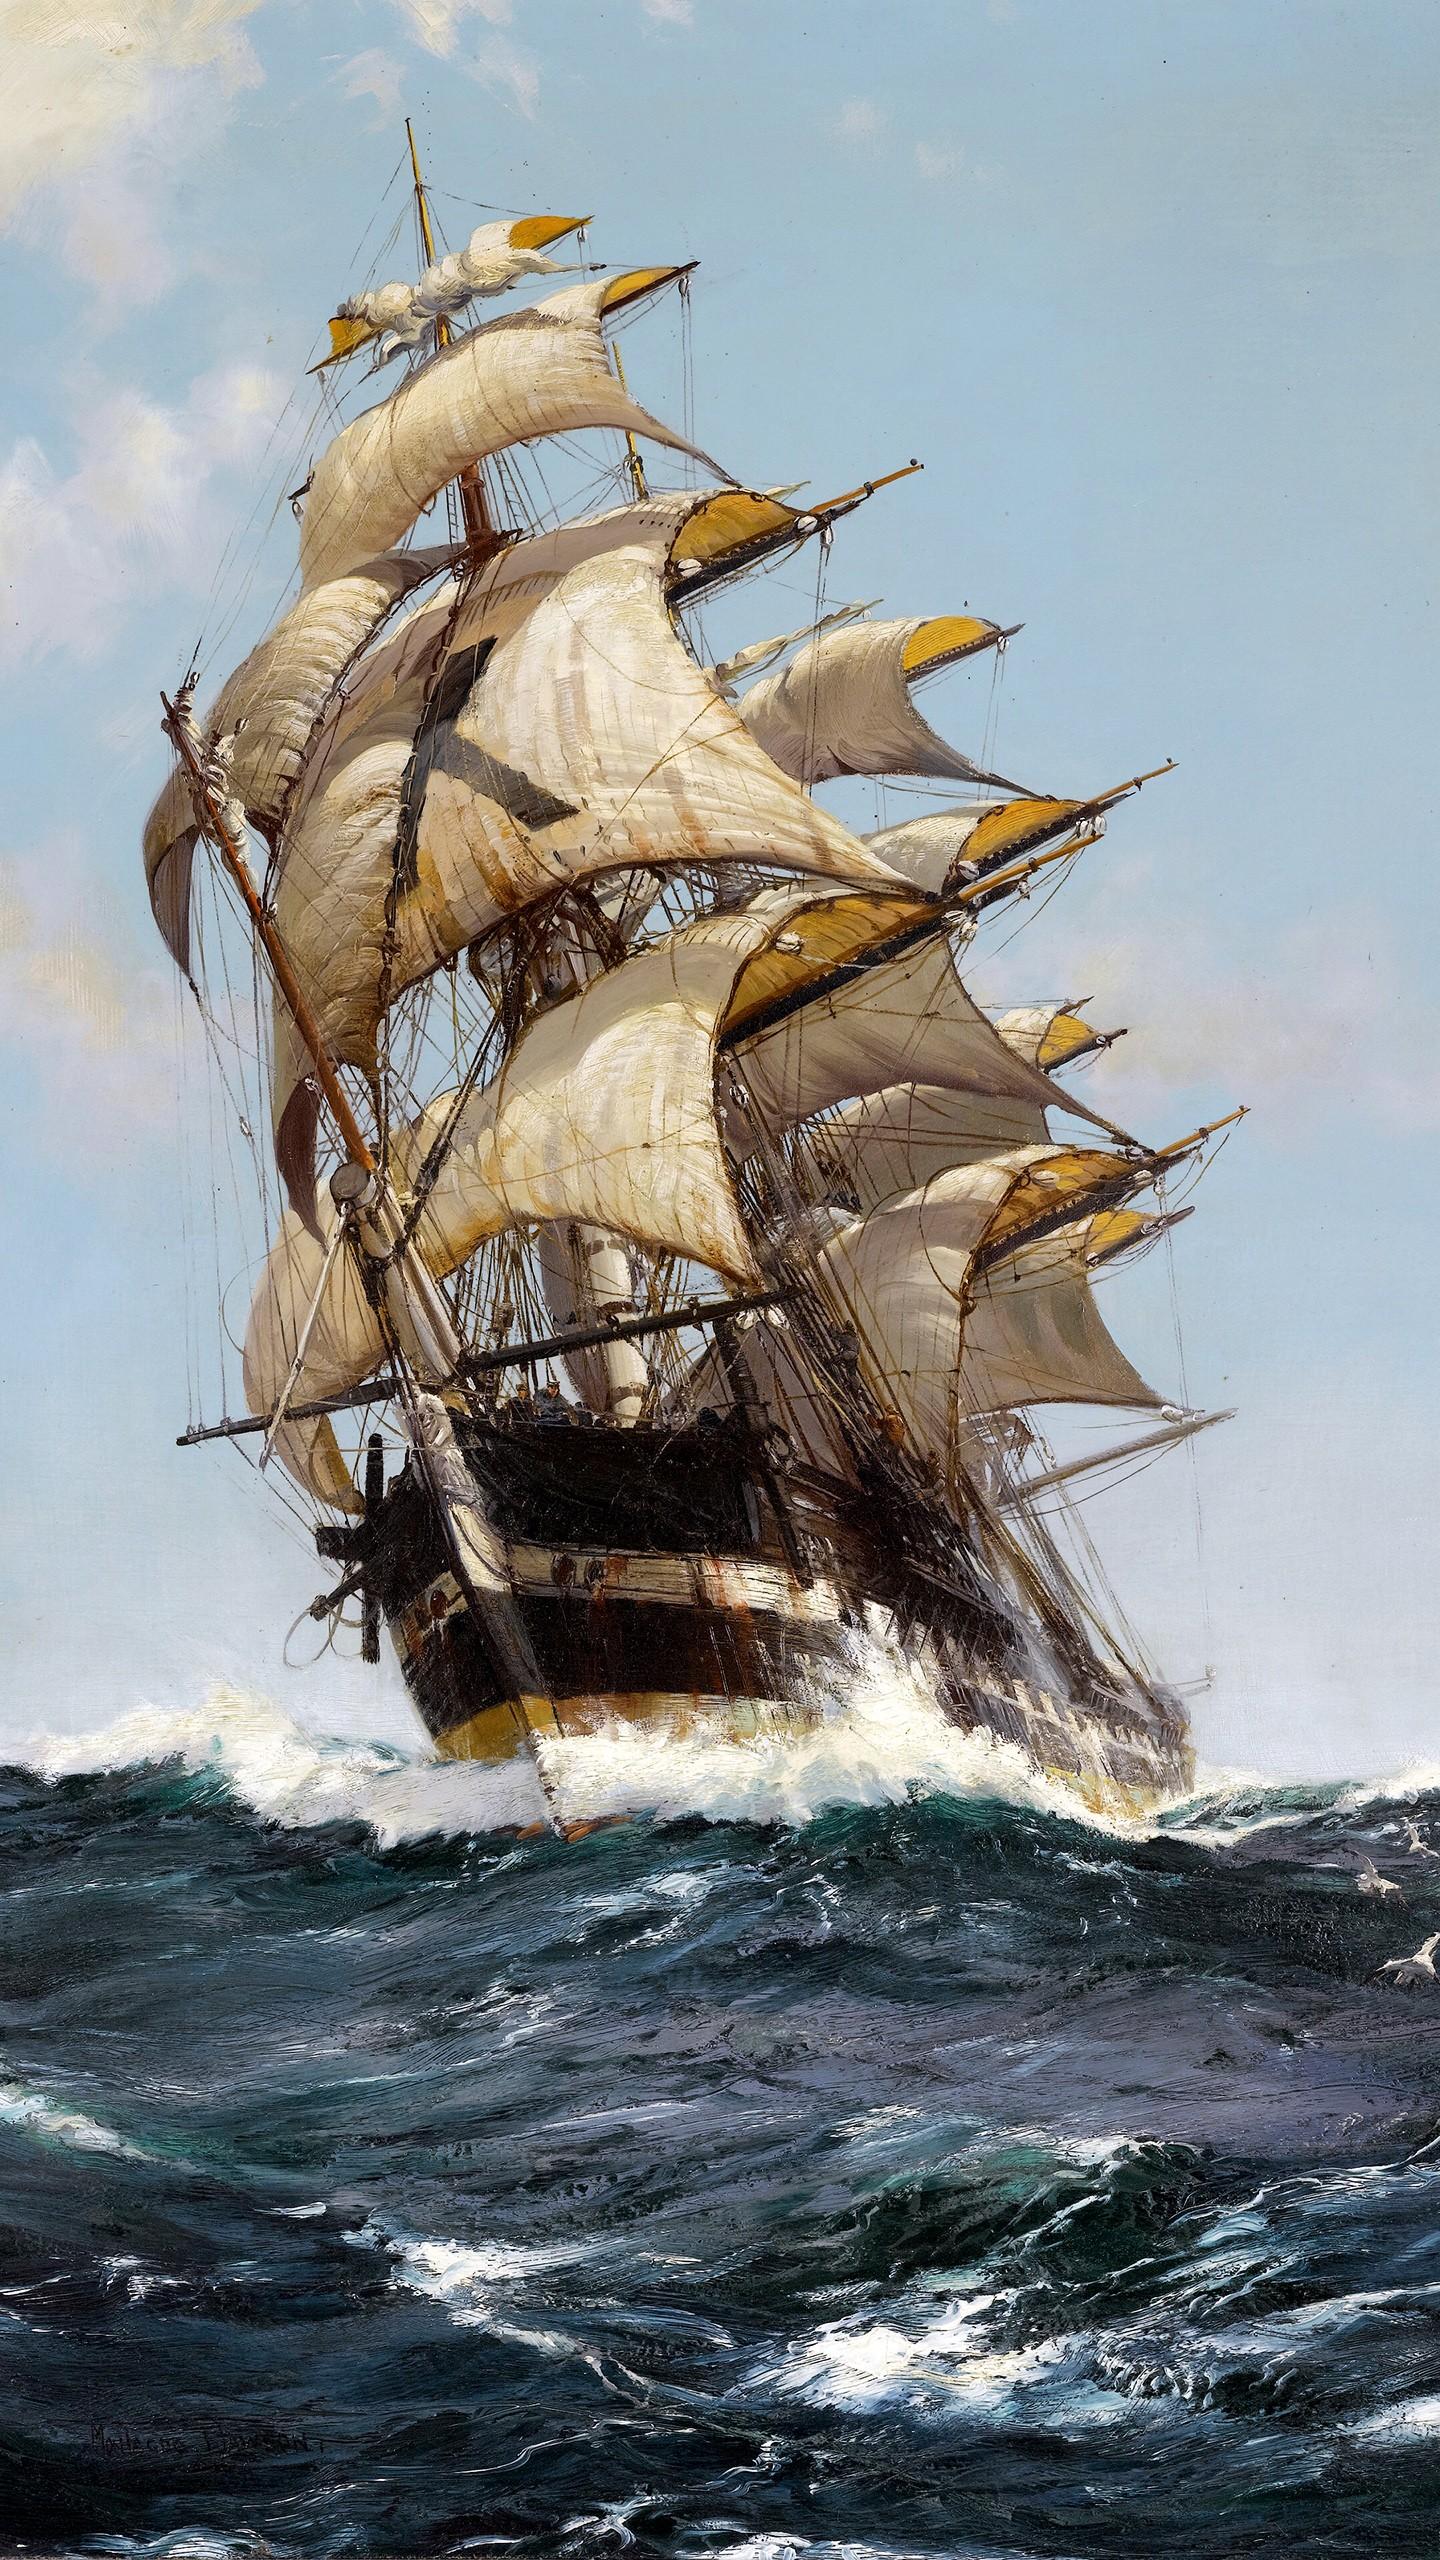 Masaustu Boyama Tekne Yelkenli Gemi Deniz Portre Ekrani